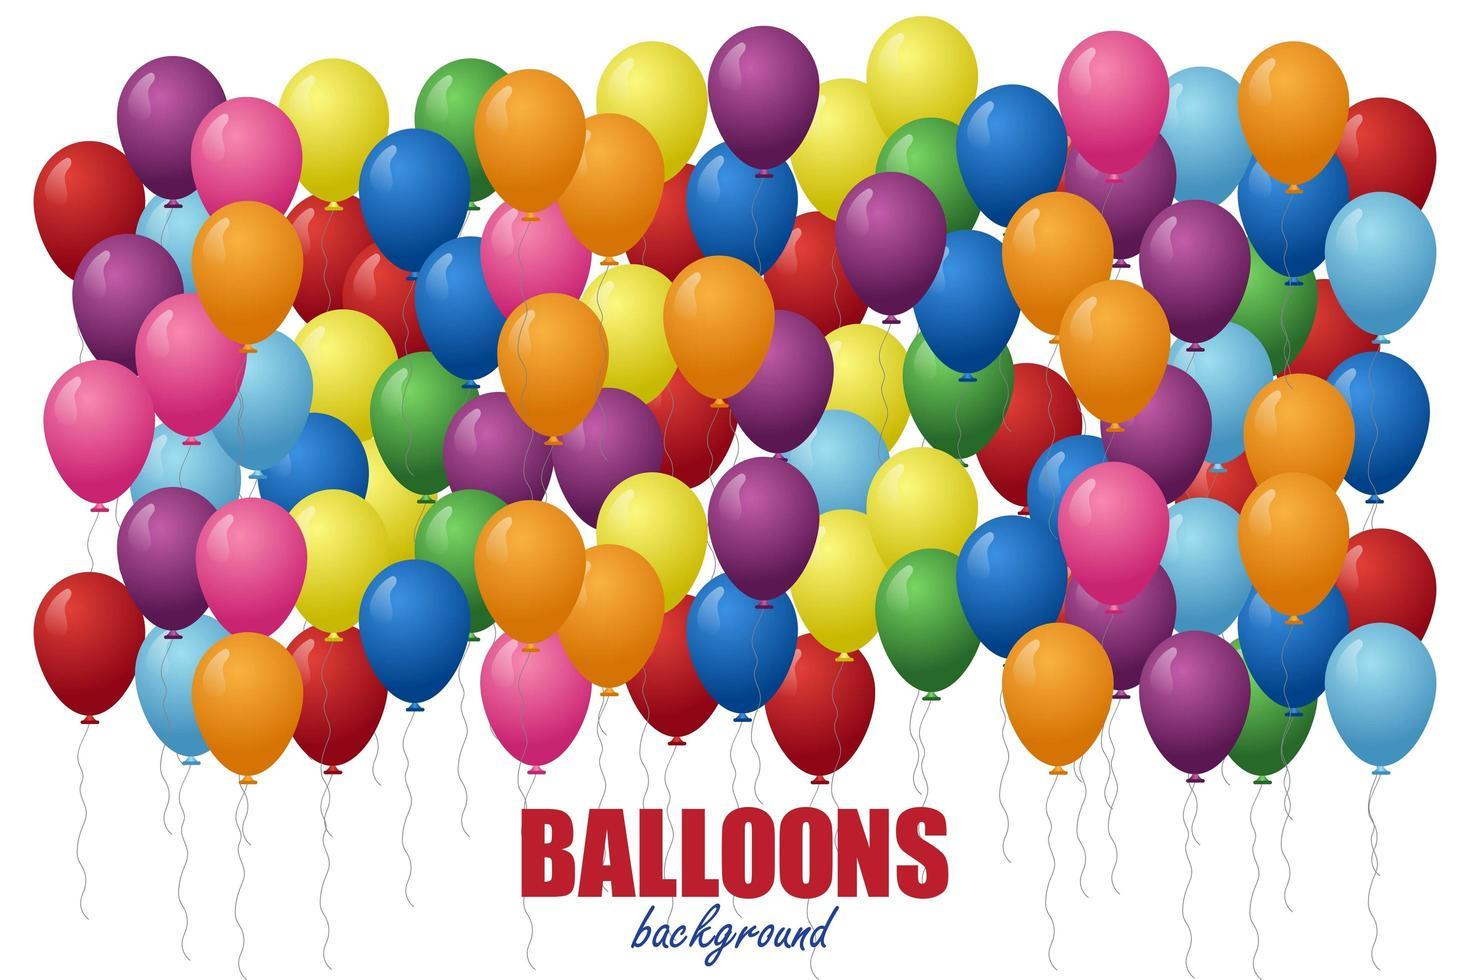 Ballonhintergrund auf weißem Hintergrund. vektor